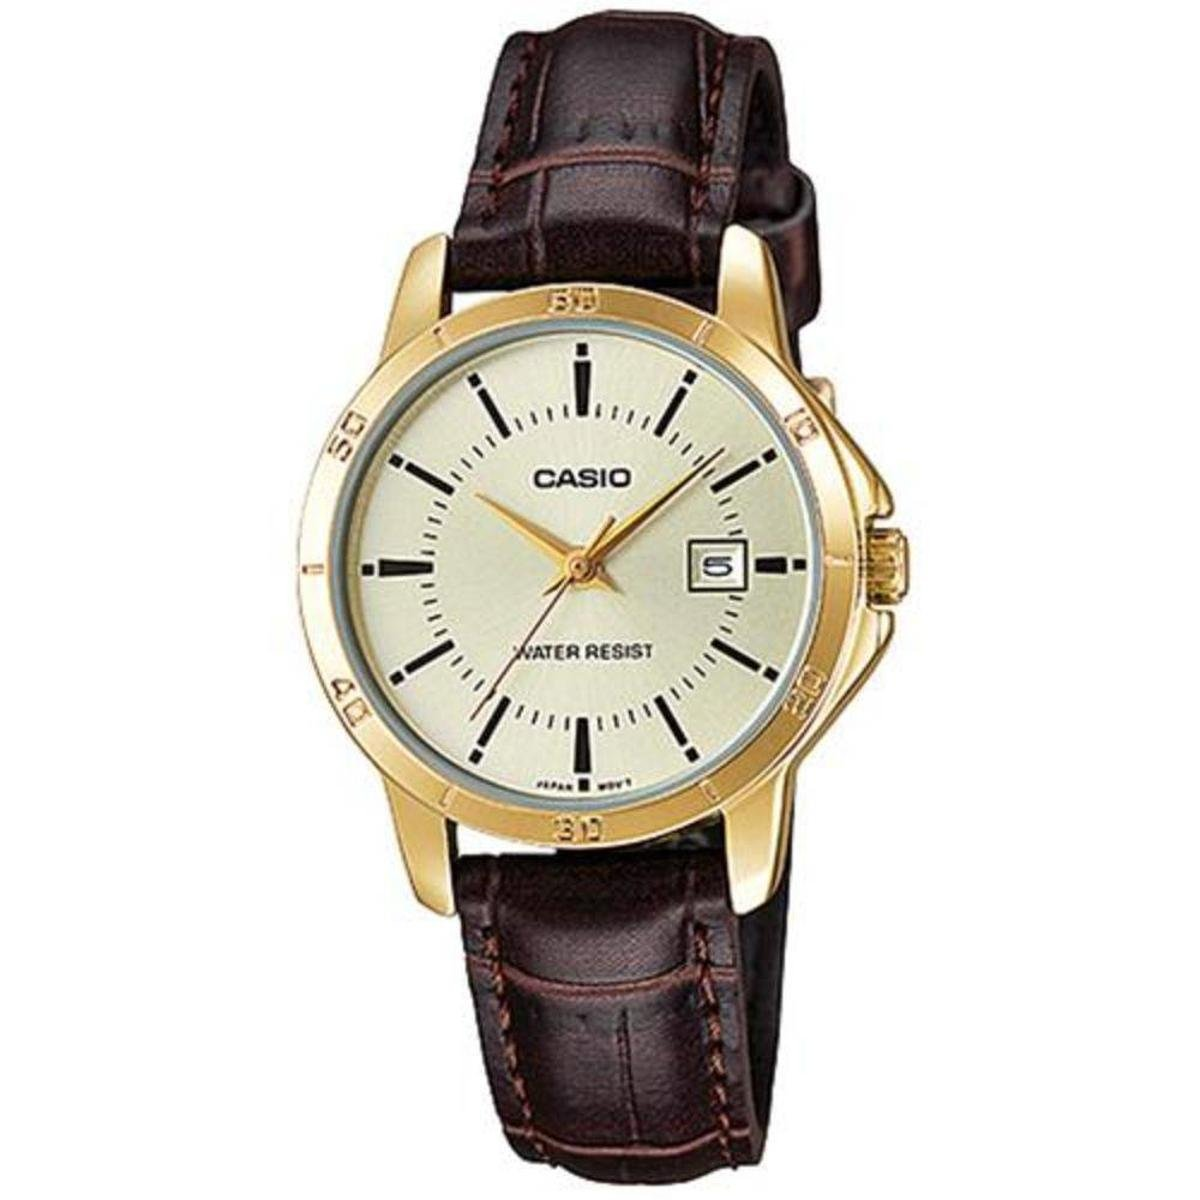 25e13e3dc2e Relógio Masculino Casio Mtp-V004gl-9Audf - Dourado - Compre Agora ...